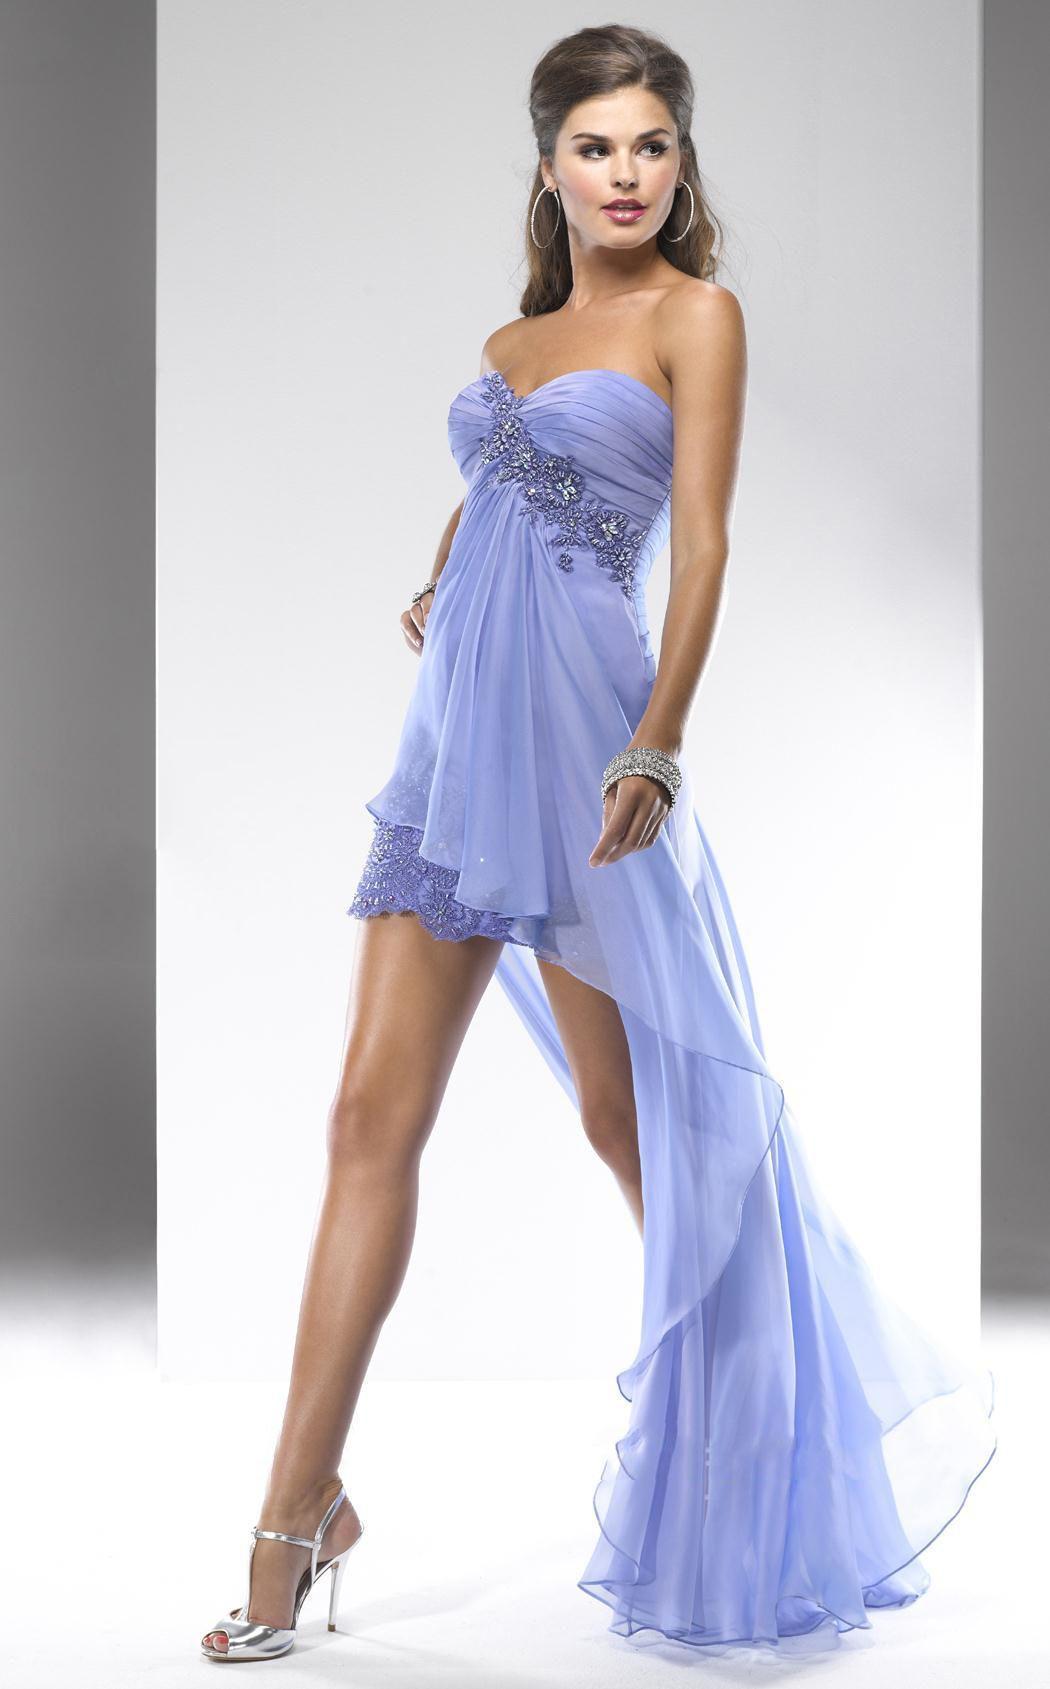 Ziemlich Brautkleider Huntington Wv Zeitgenössisch - Hochzeit Kleid ...